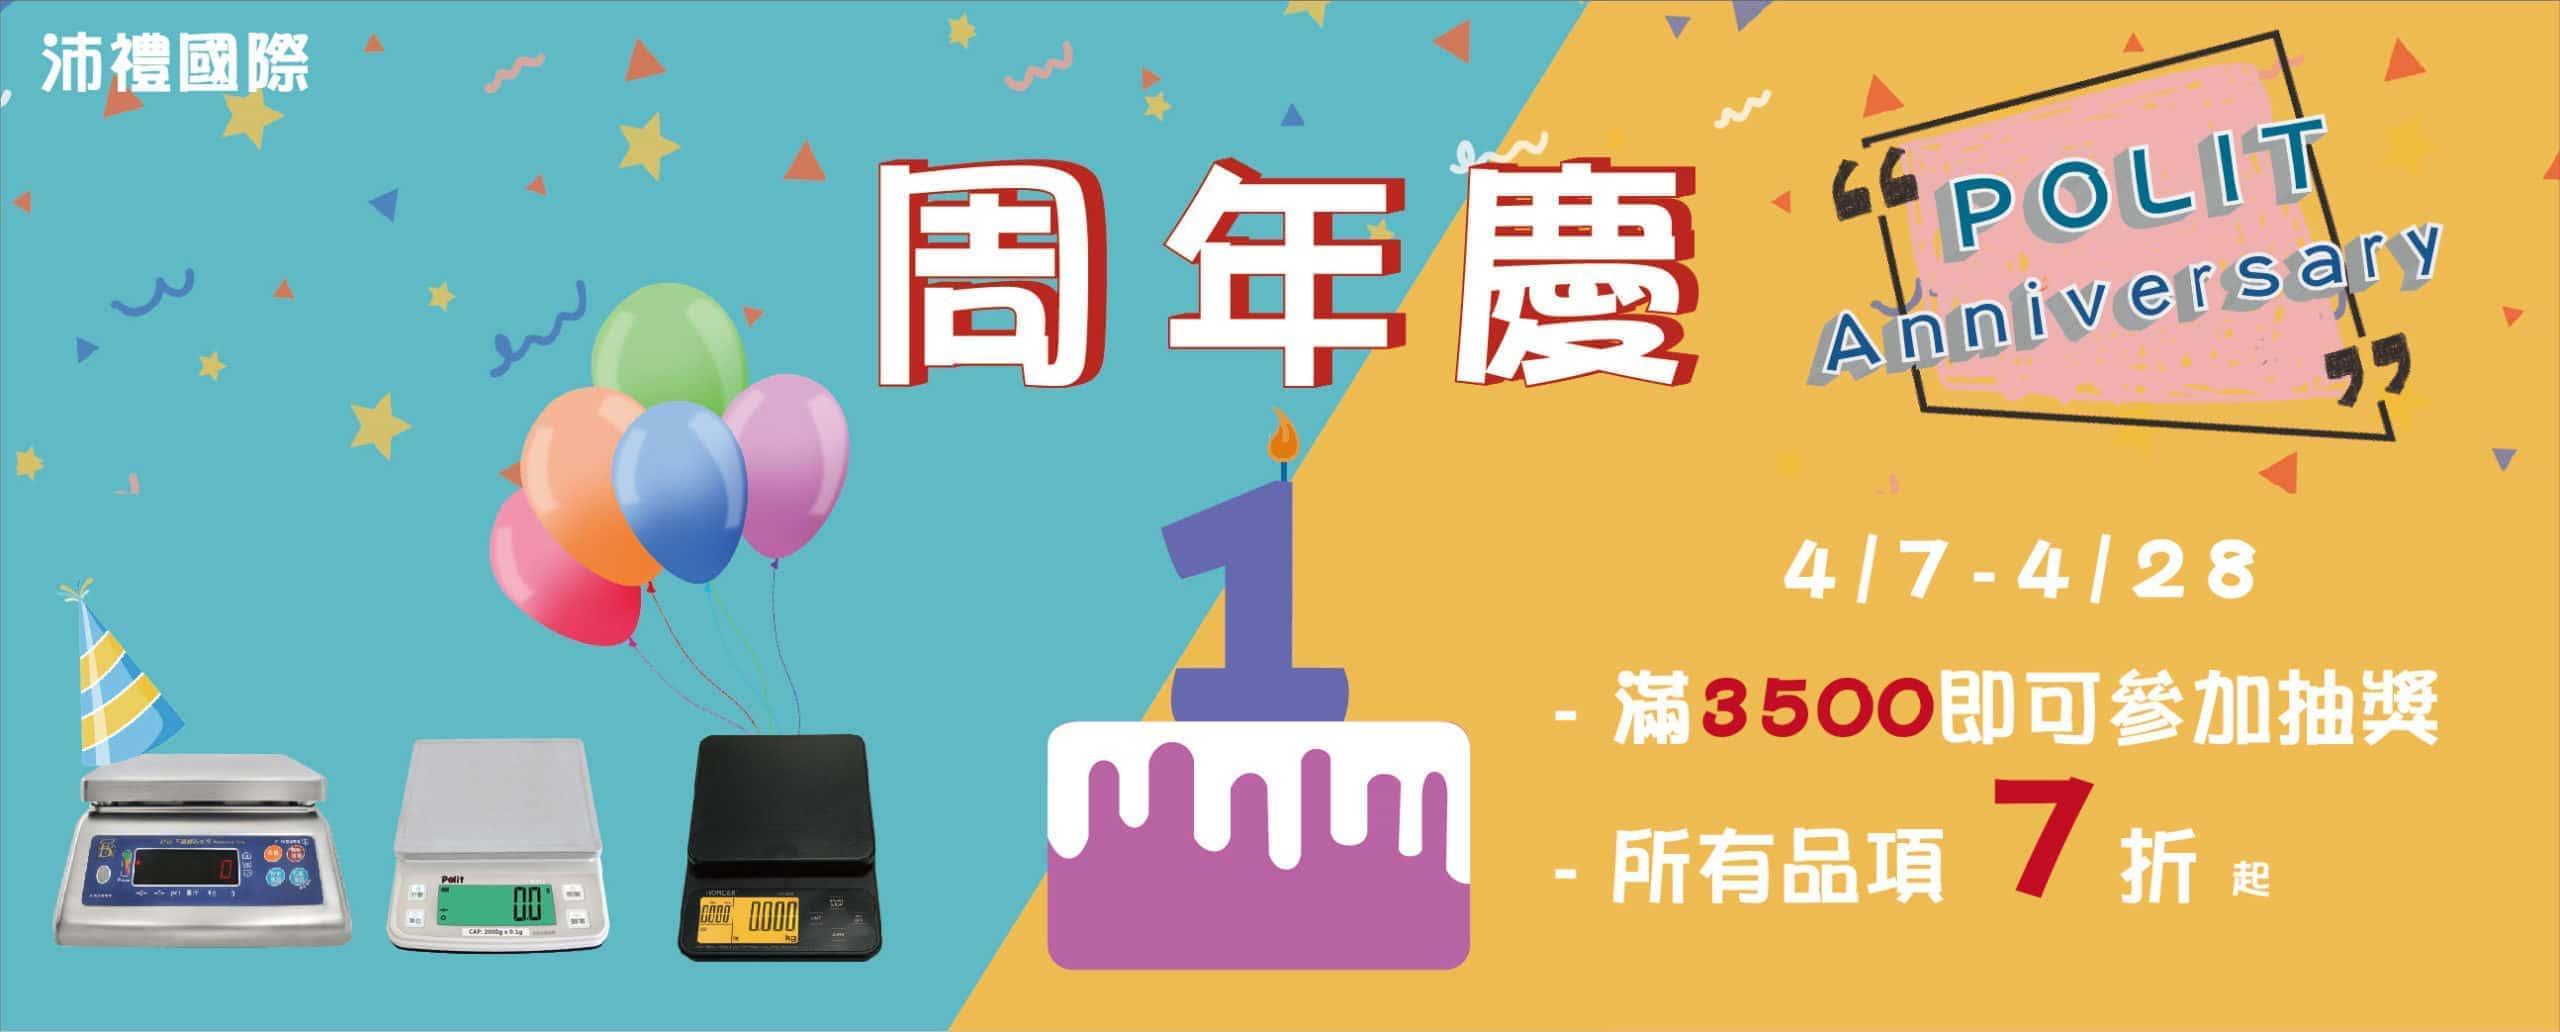 週年慶 周年慶 滿額抽好禮 | 沛禮國際 Polit 電子秤專賣